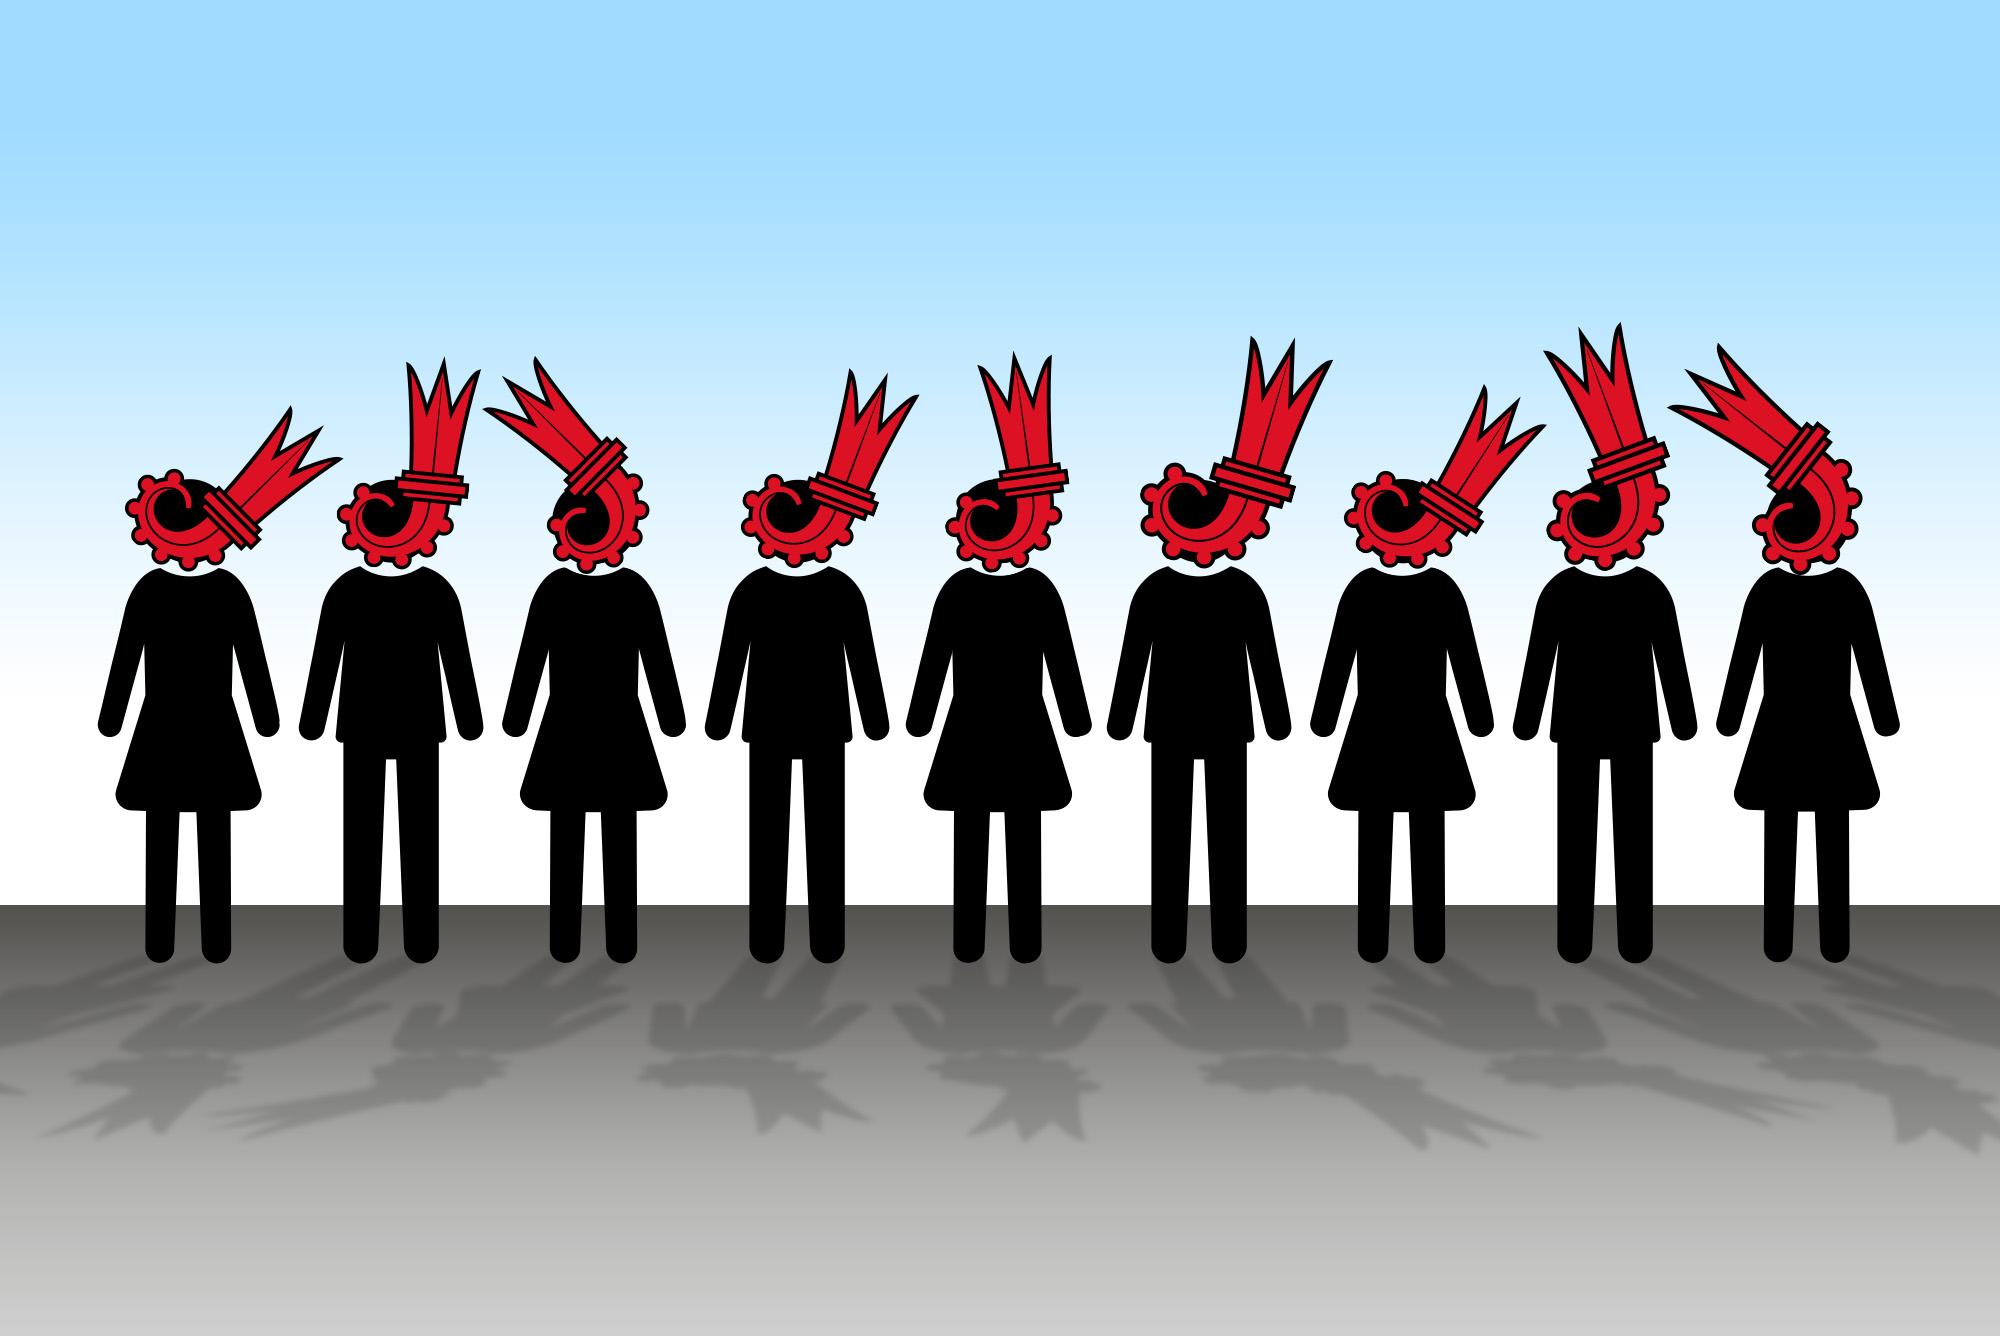 Das Baselbieter Staatspersonal wehrt sich einmal mehr gegen die Sparmassnahmen des Kantons.